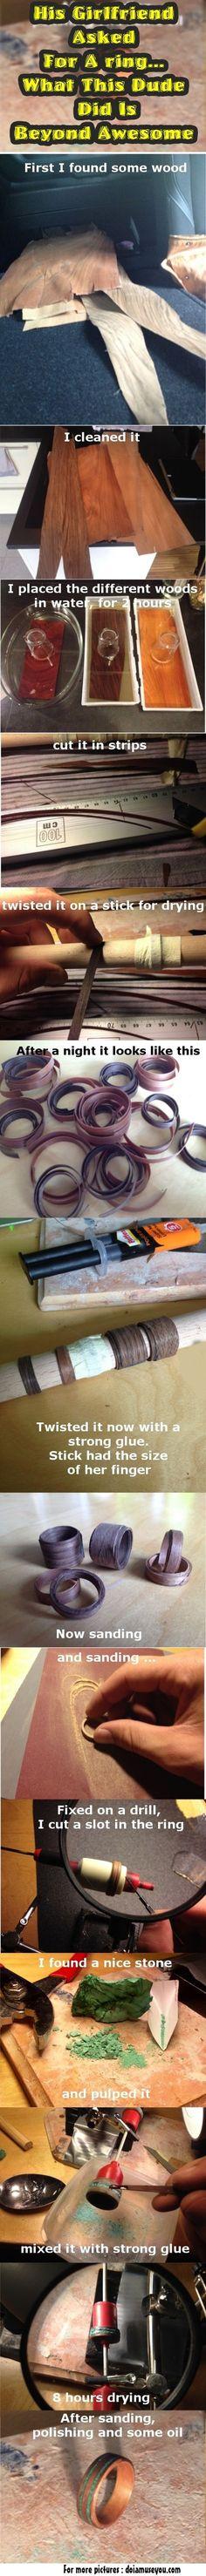 Awesome *__* wooden rings | Raddest Men's Fashion Looks On The Internet: http://www.raddestlooks.org